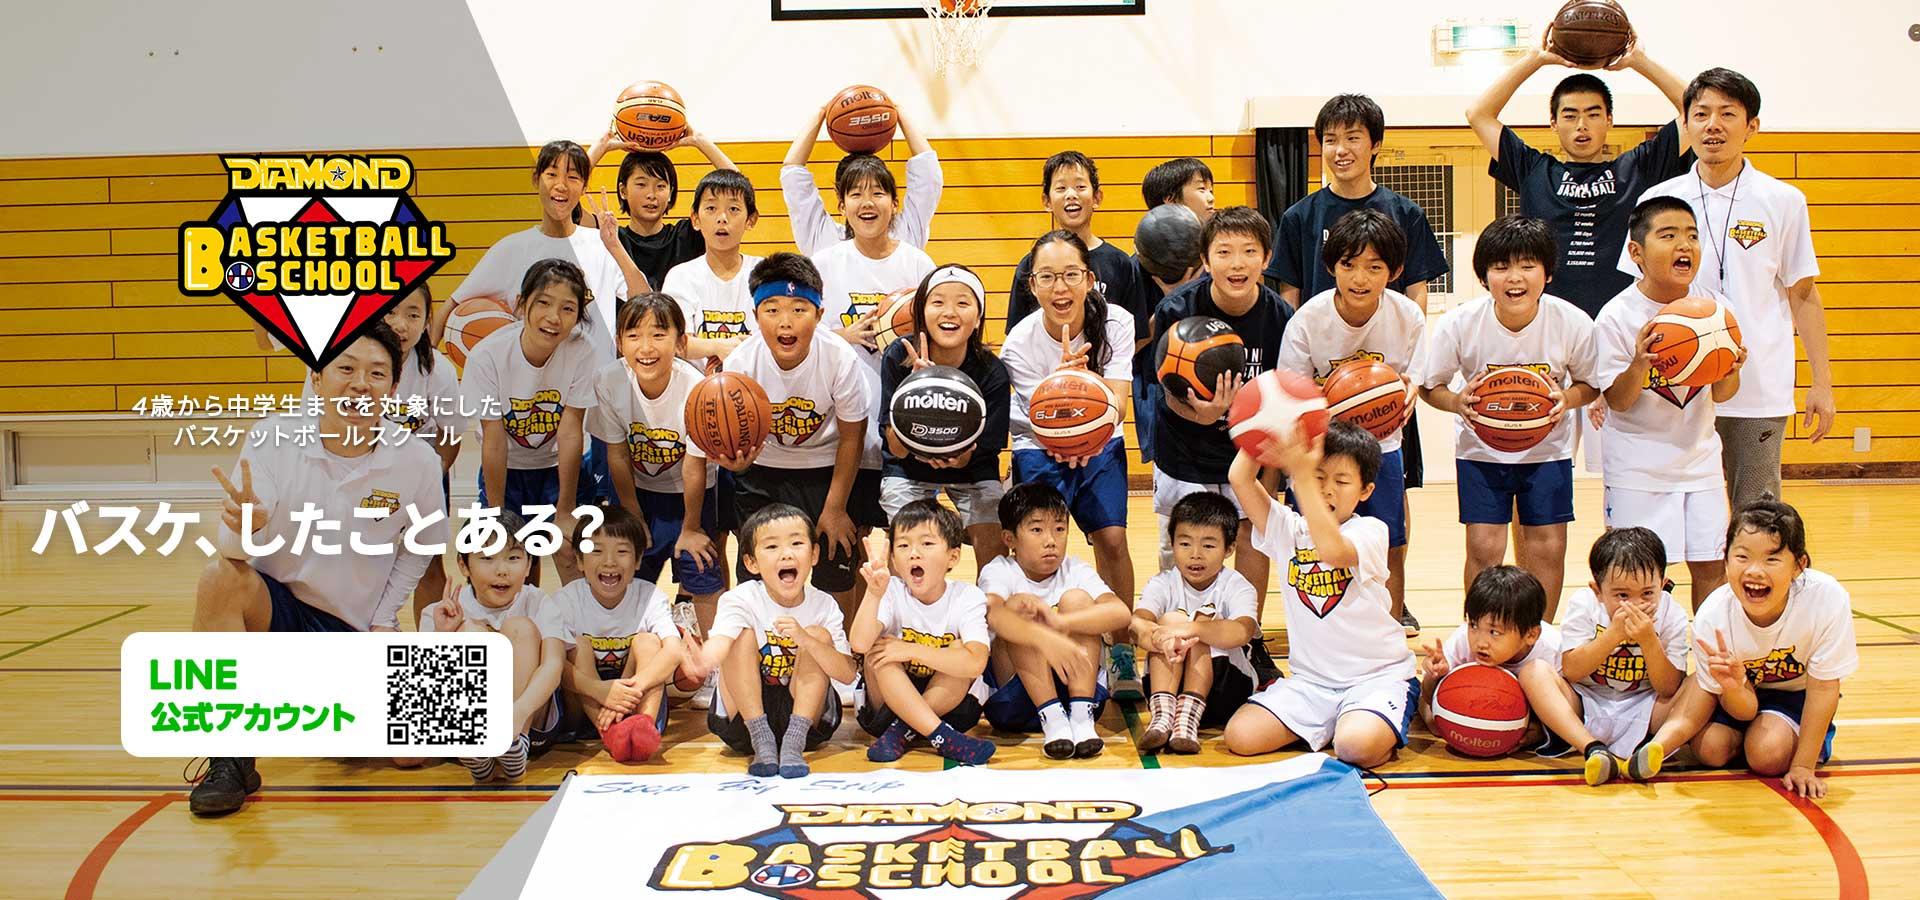 「バスケ、したことある?」ダイアモンドバスケットボールスクールは4歳から中学生までを対象にしたバスケットボールスクールです